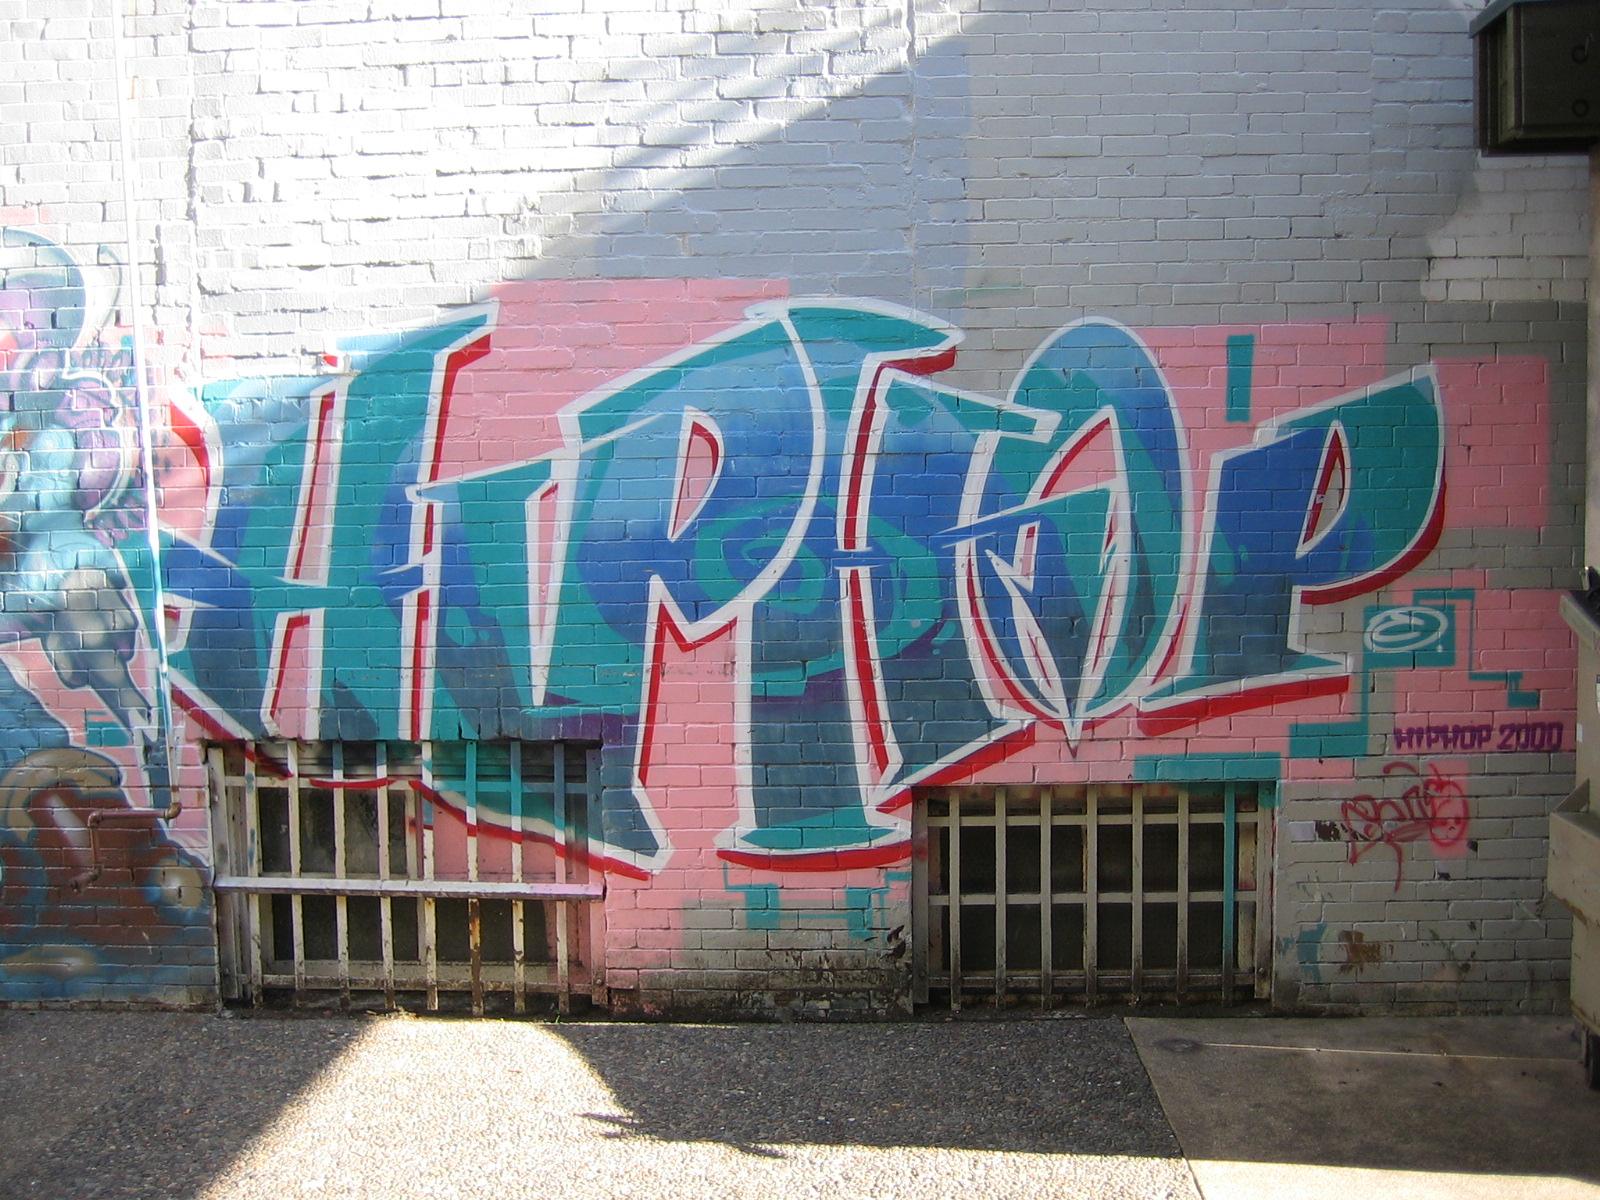 musica hip hop espanola: